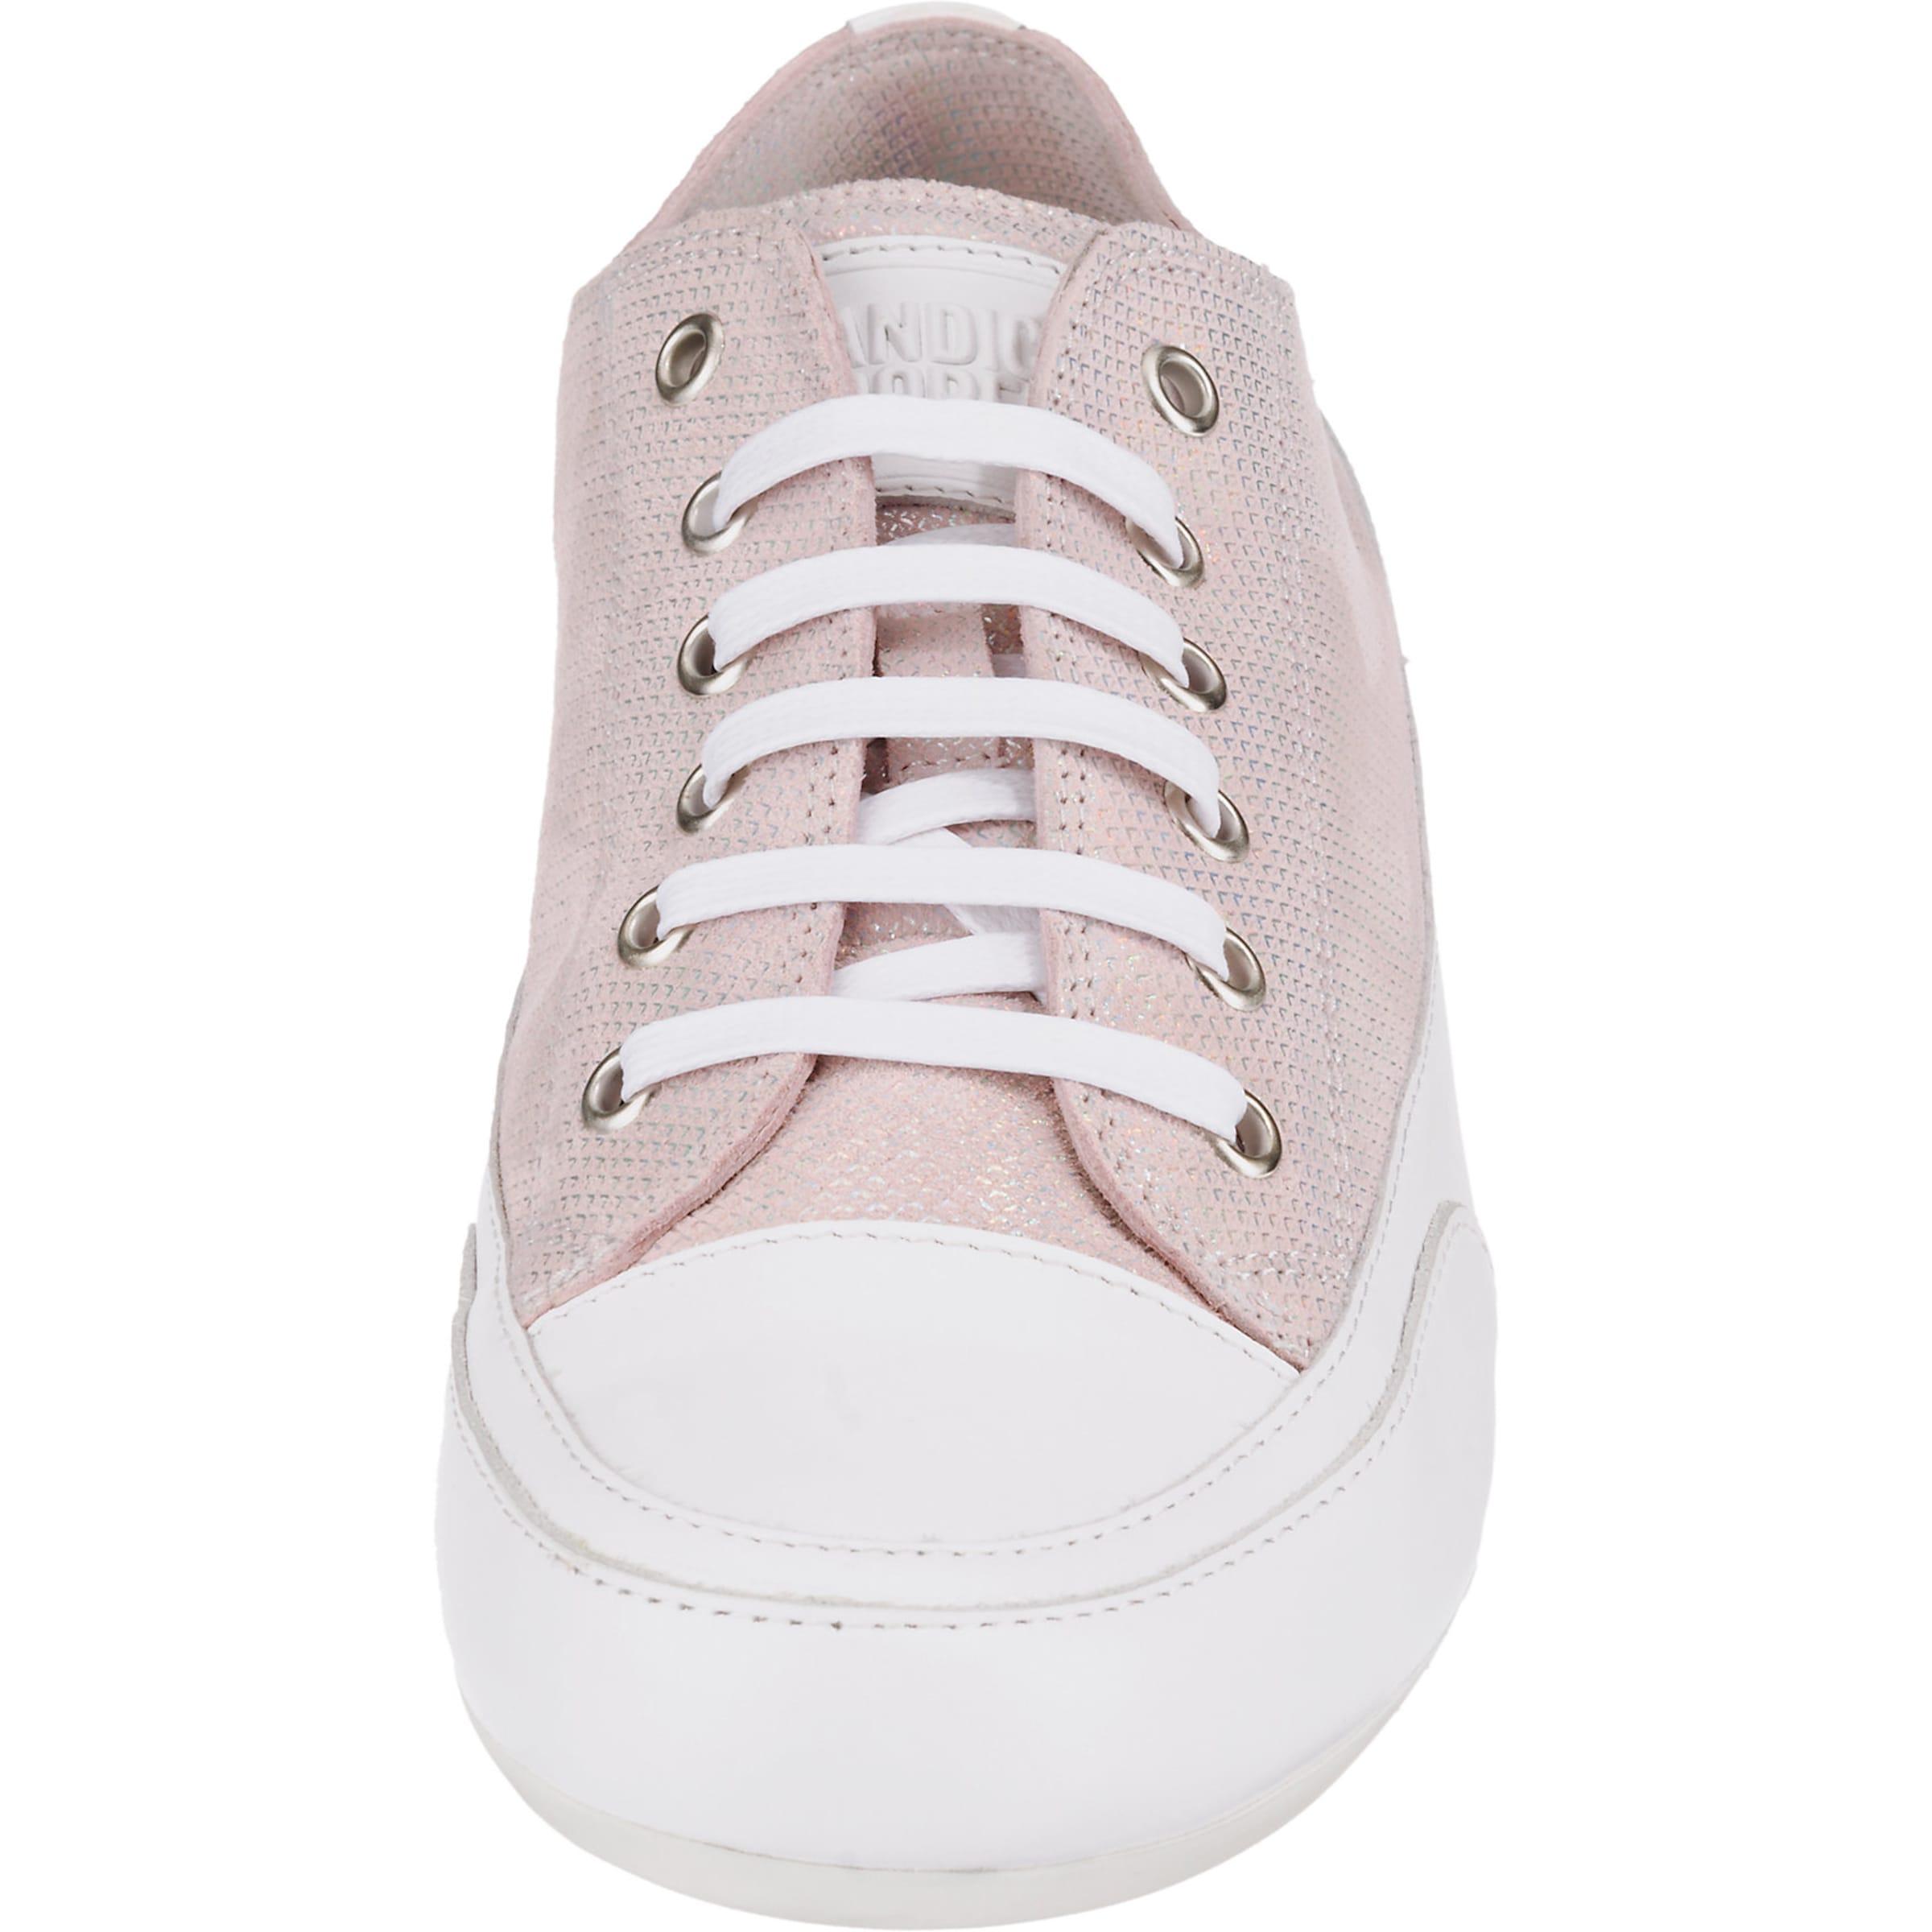 Candice Sneakers Sneakers Candice Cooper HellpinkWeiß In Cooper In dxtQrshC